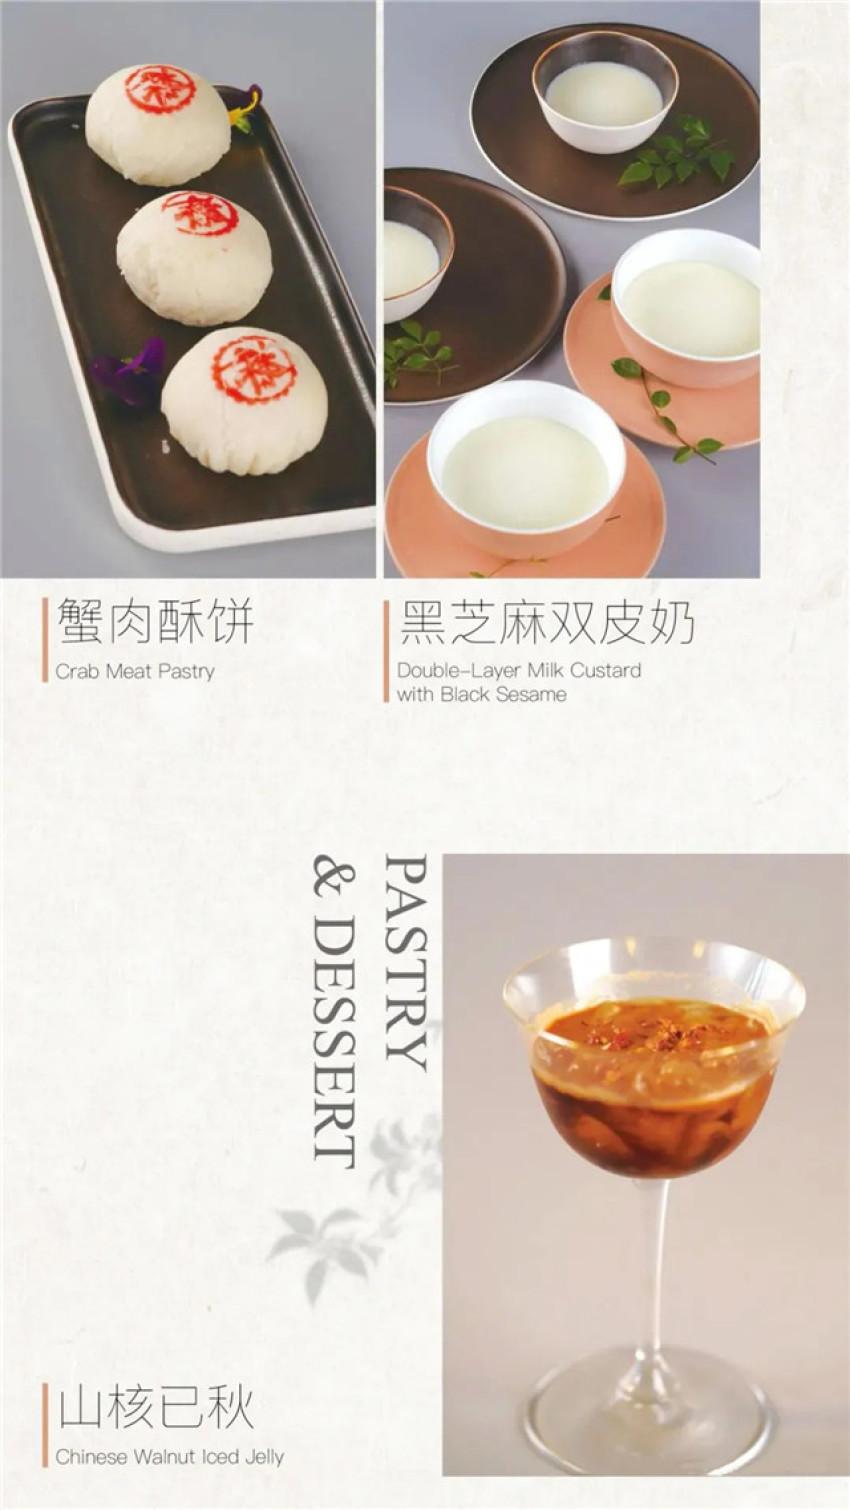 紫萱创意中国菜28款赏析,